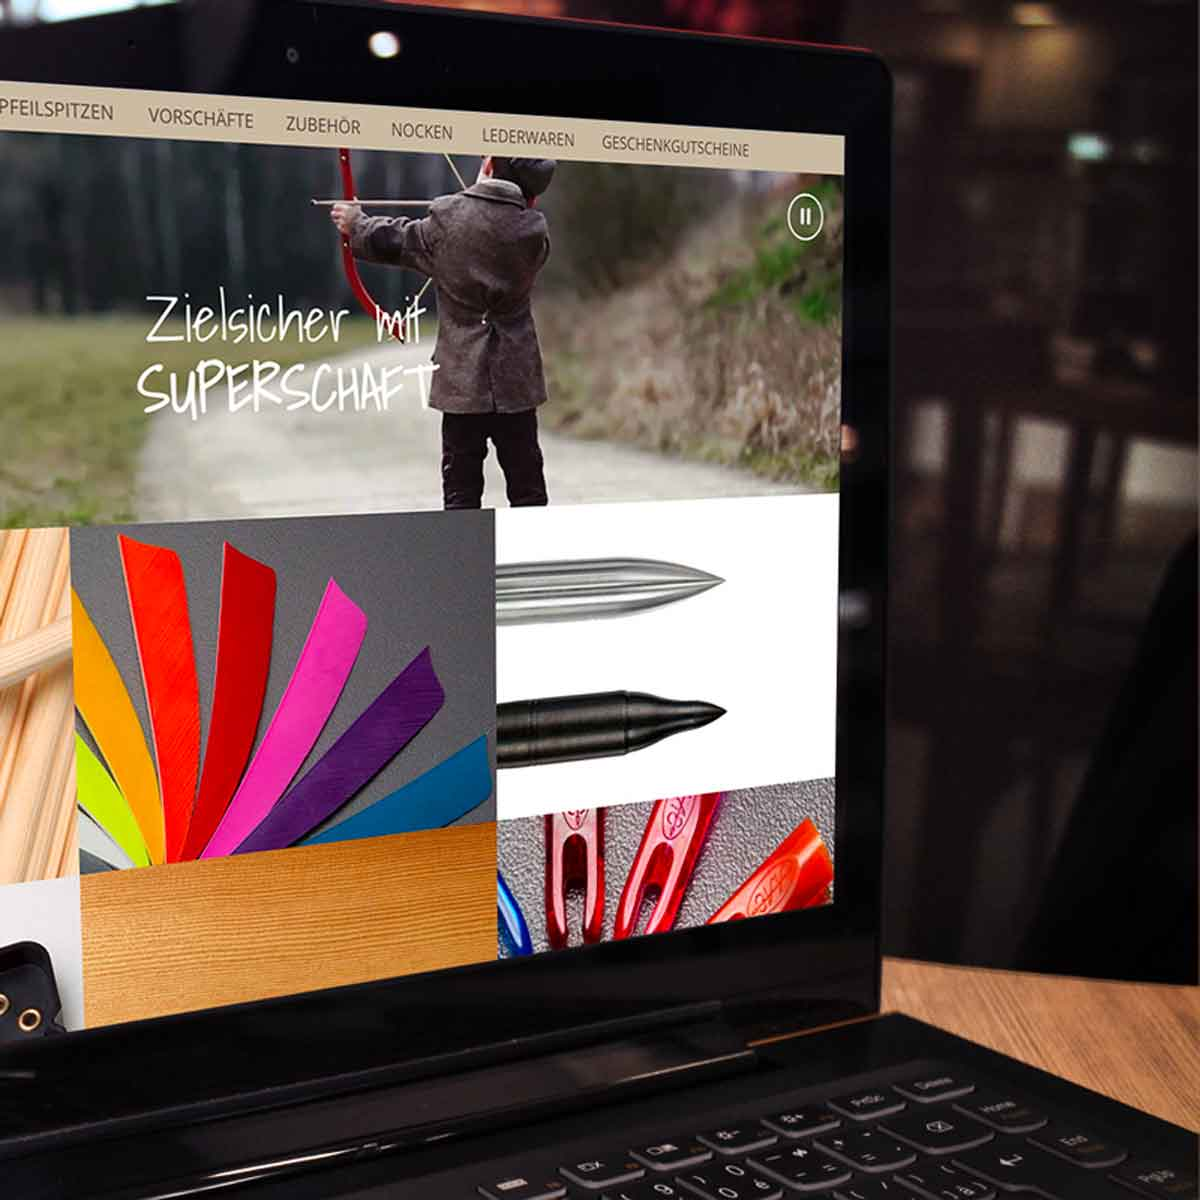 mr. pixel KG | Supershaft| Startseite zielsicher